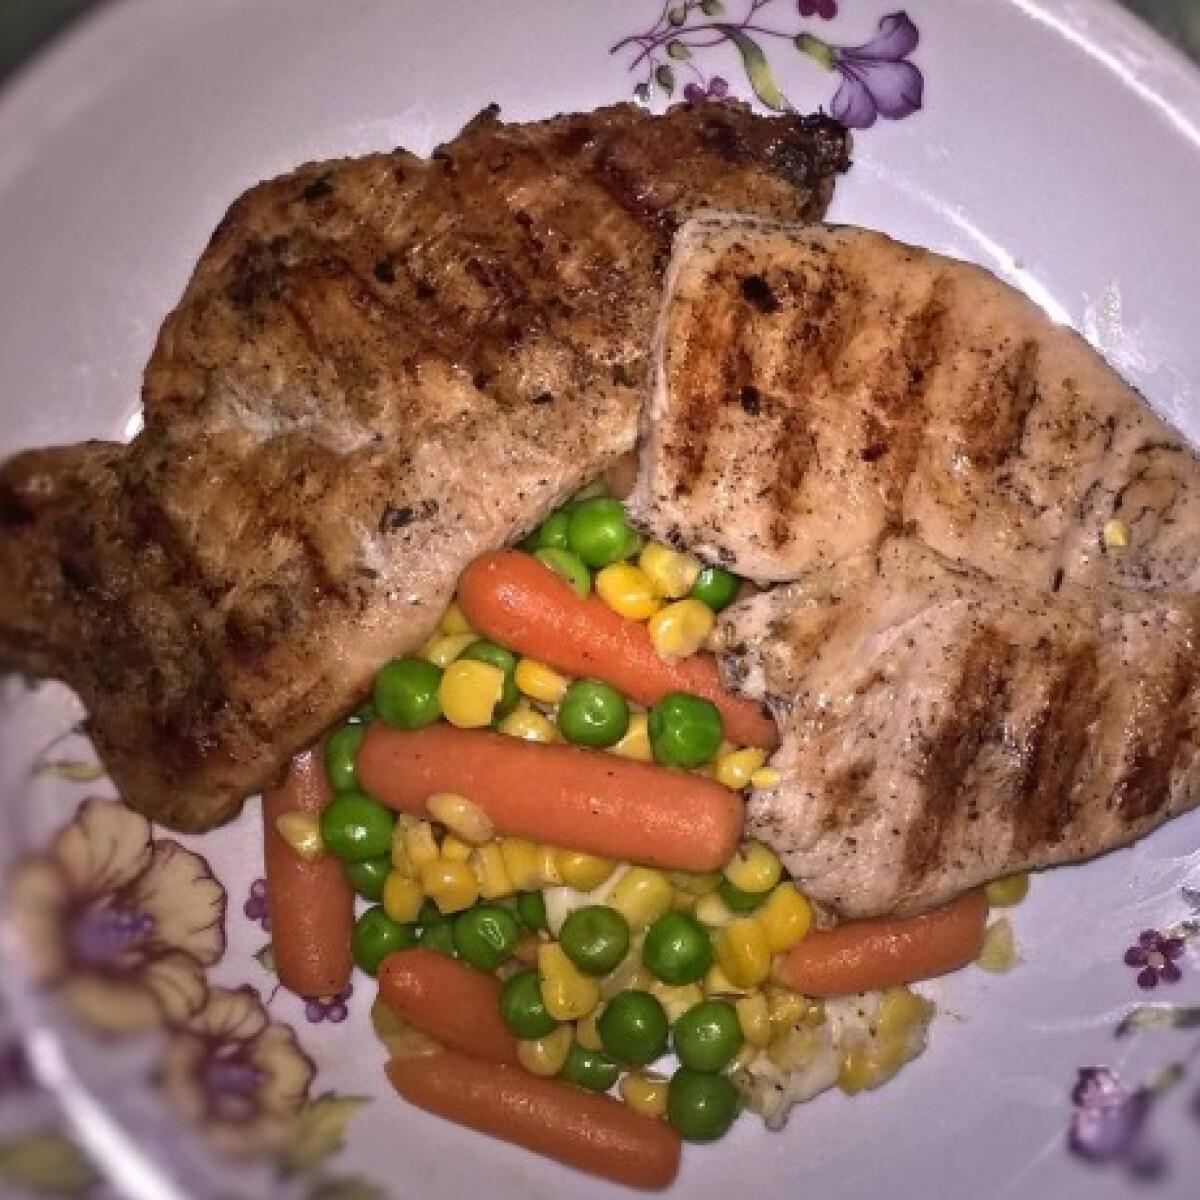 Ezen a képen: Grillezett csirkemell salátával